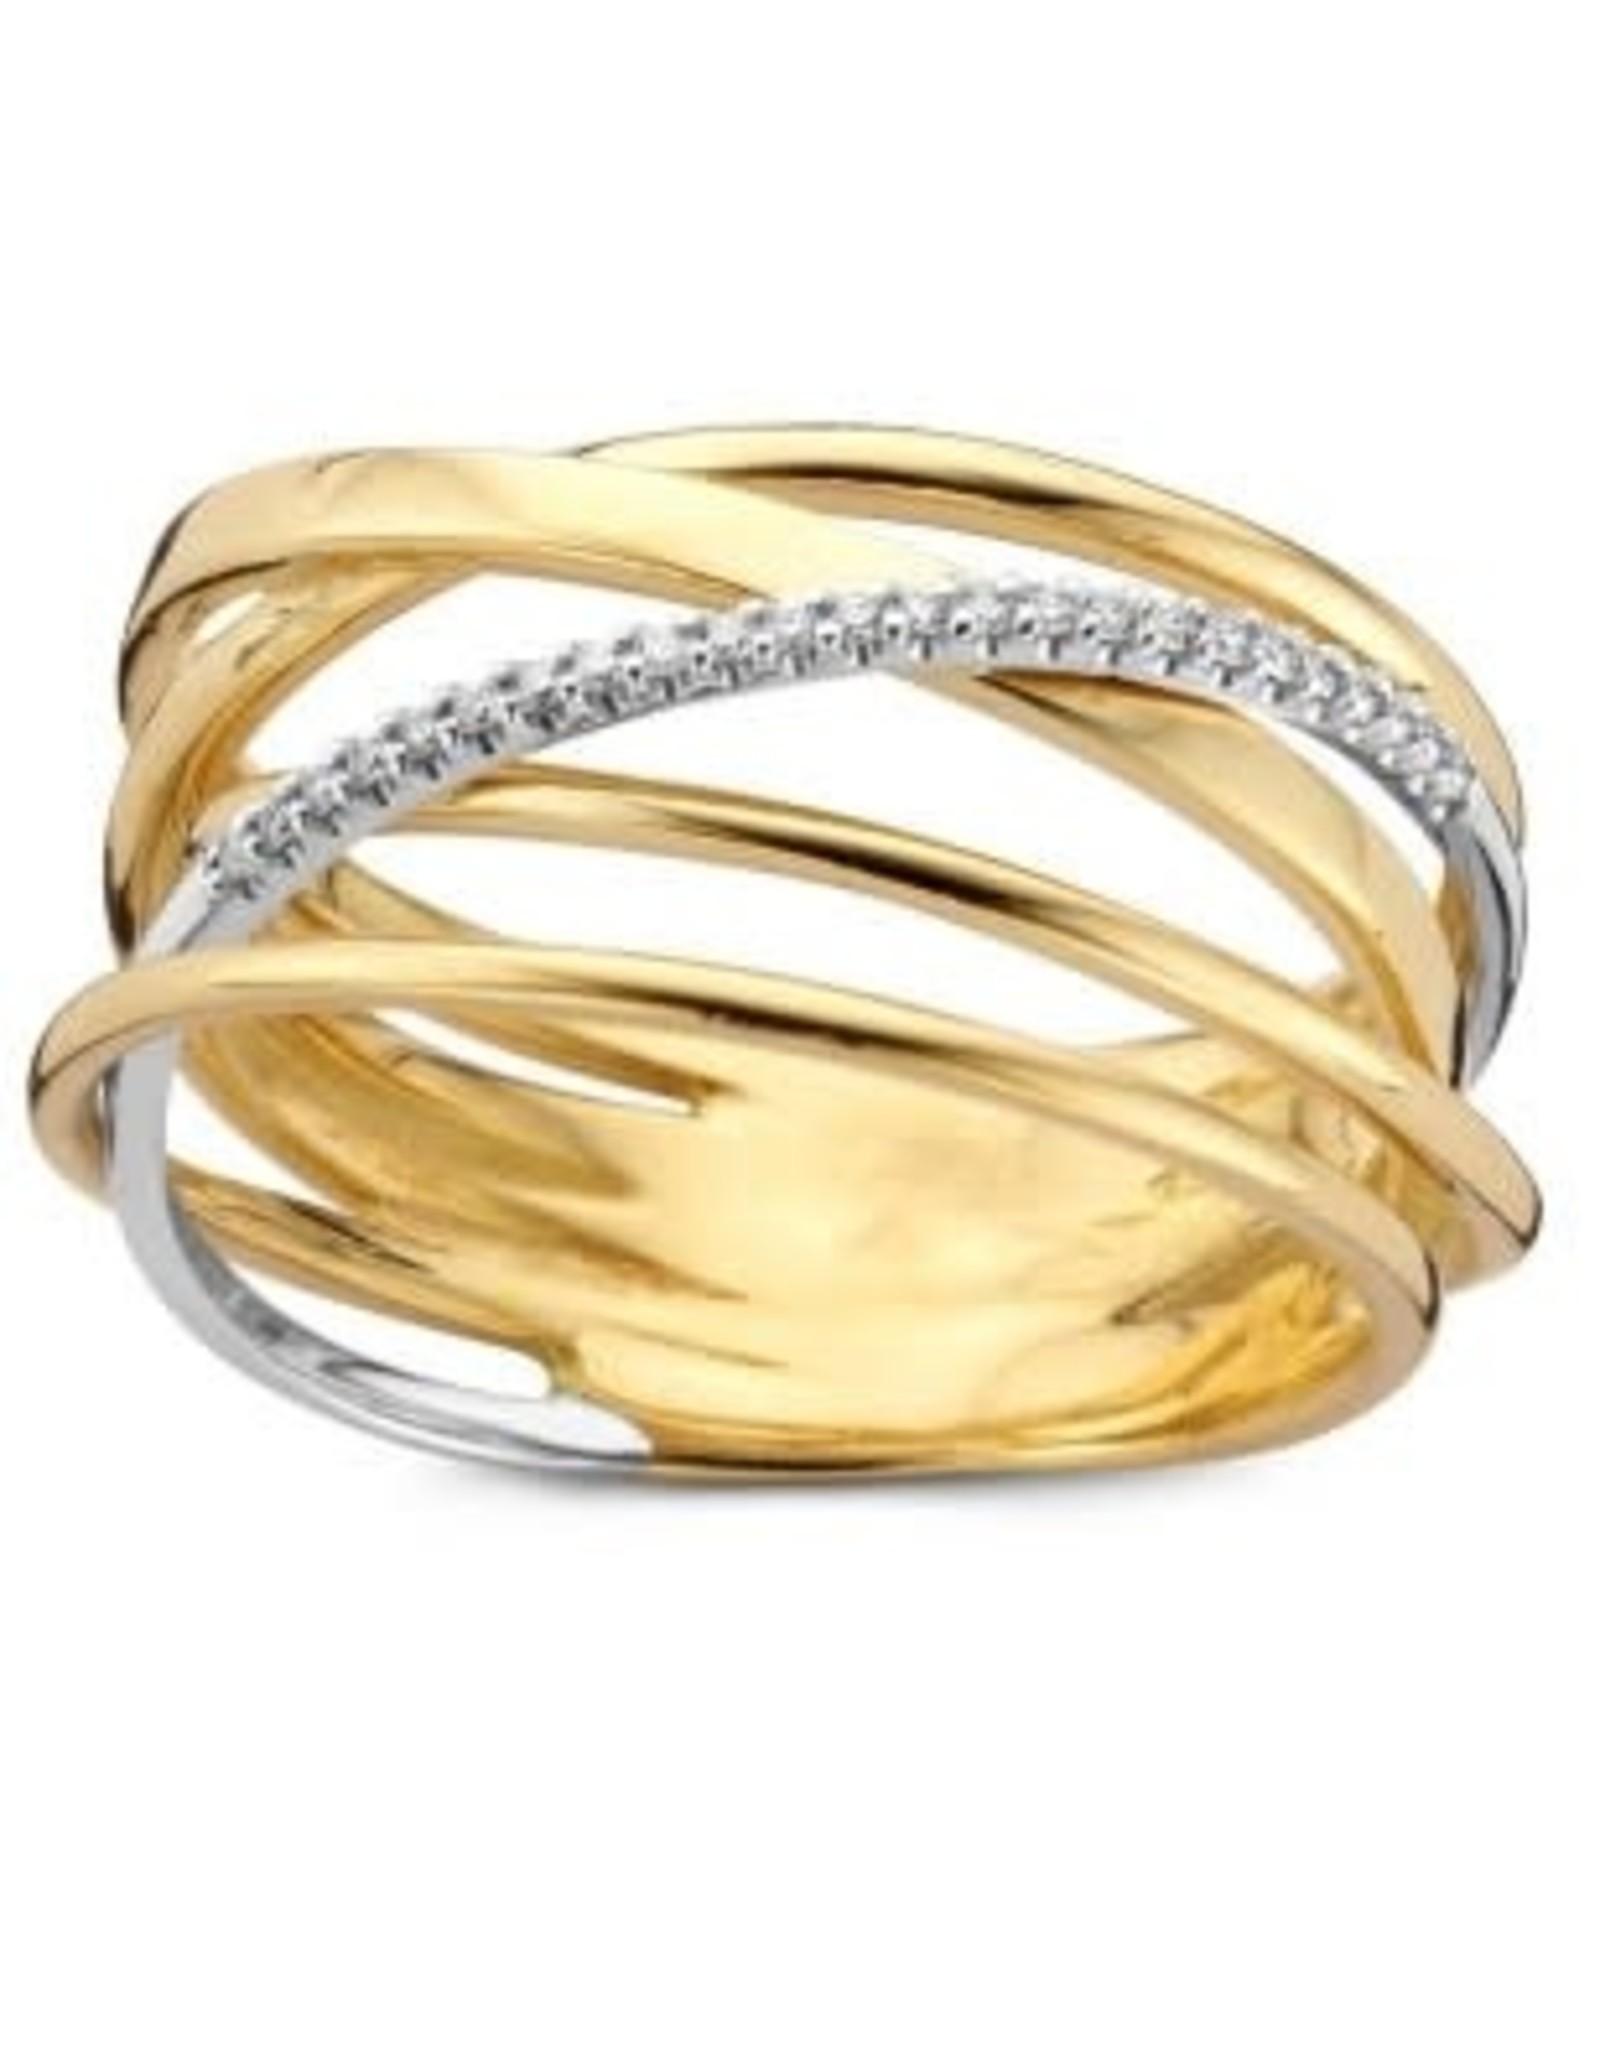 Ring Bicolor Geel/Wit Goud 18kt SR3251BB maat 56